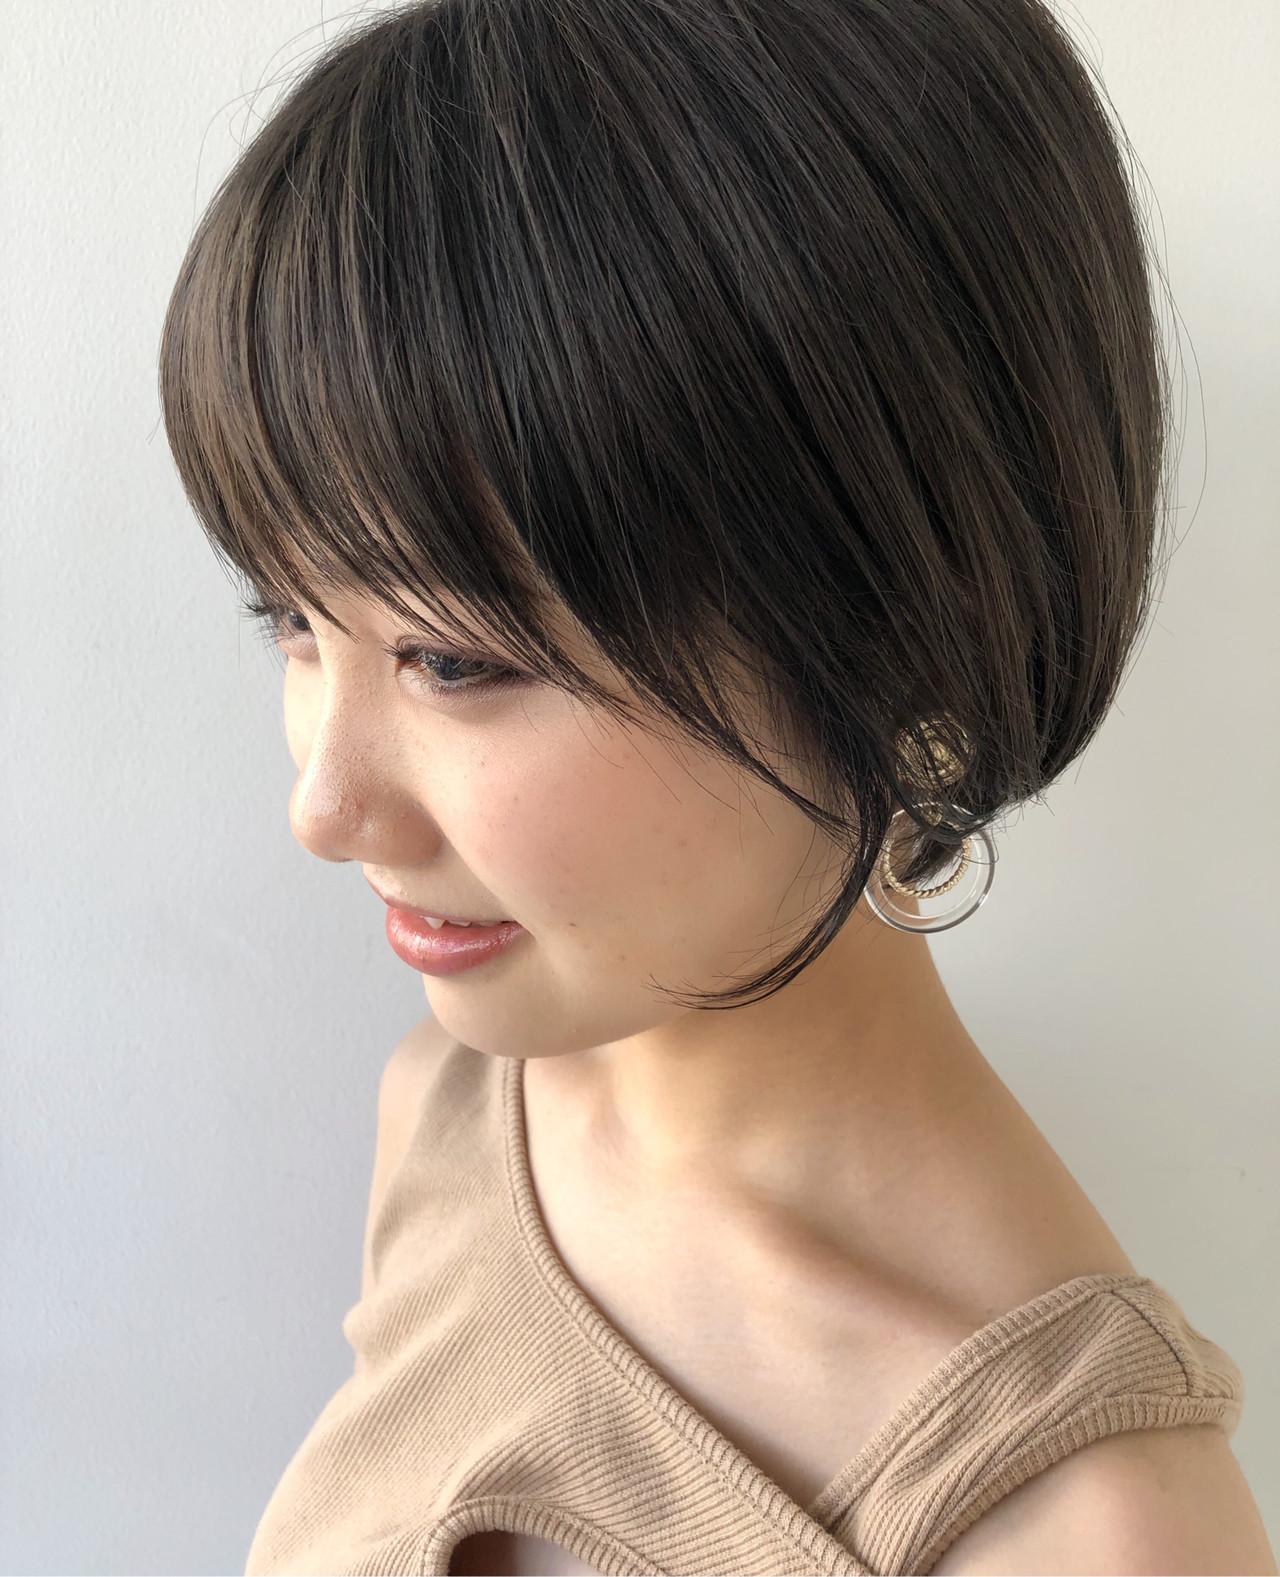 ハンサムショート ヘアアレンジ ナチュラル マッシュショート ヘアスタイルや髪型の写真・画像 | 木村 直継 / Ash 東戸塚